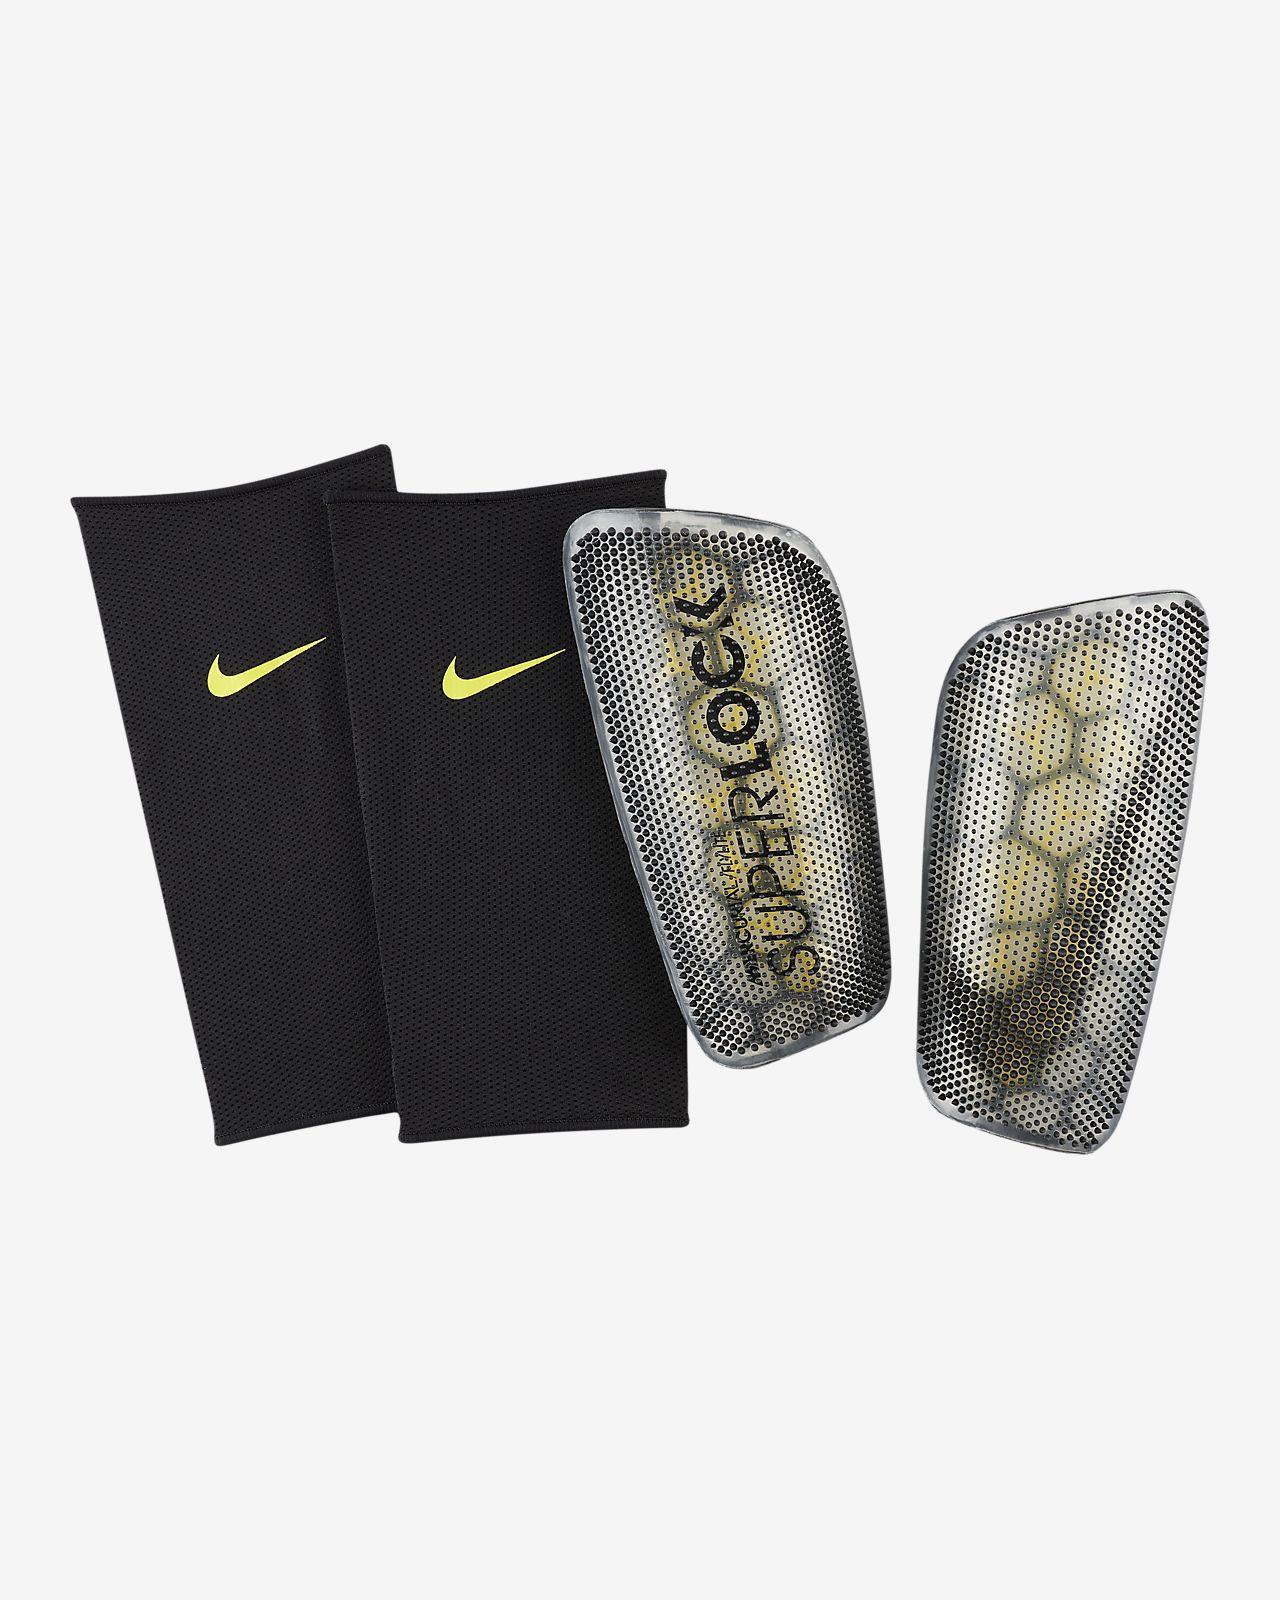 Protecciones para piernas Nike Mercurial FlyLite SuperLock